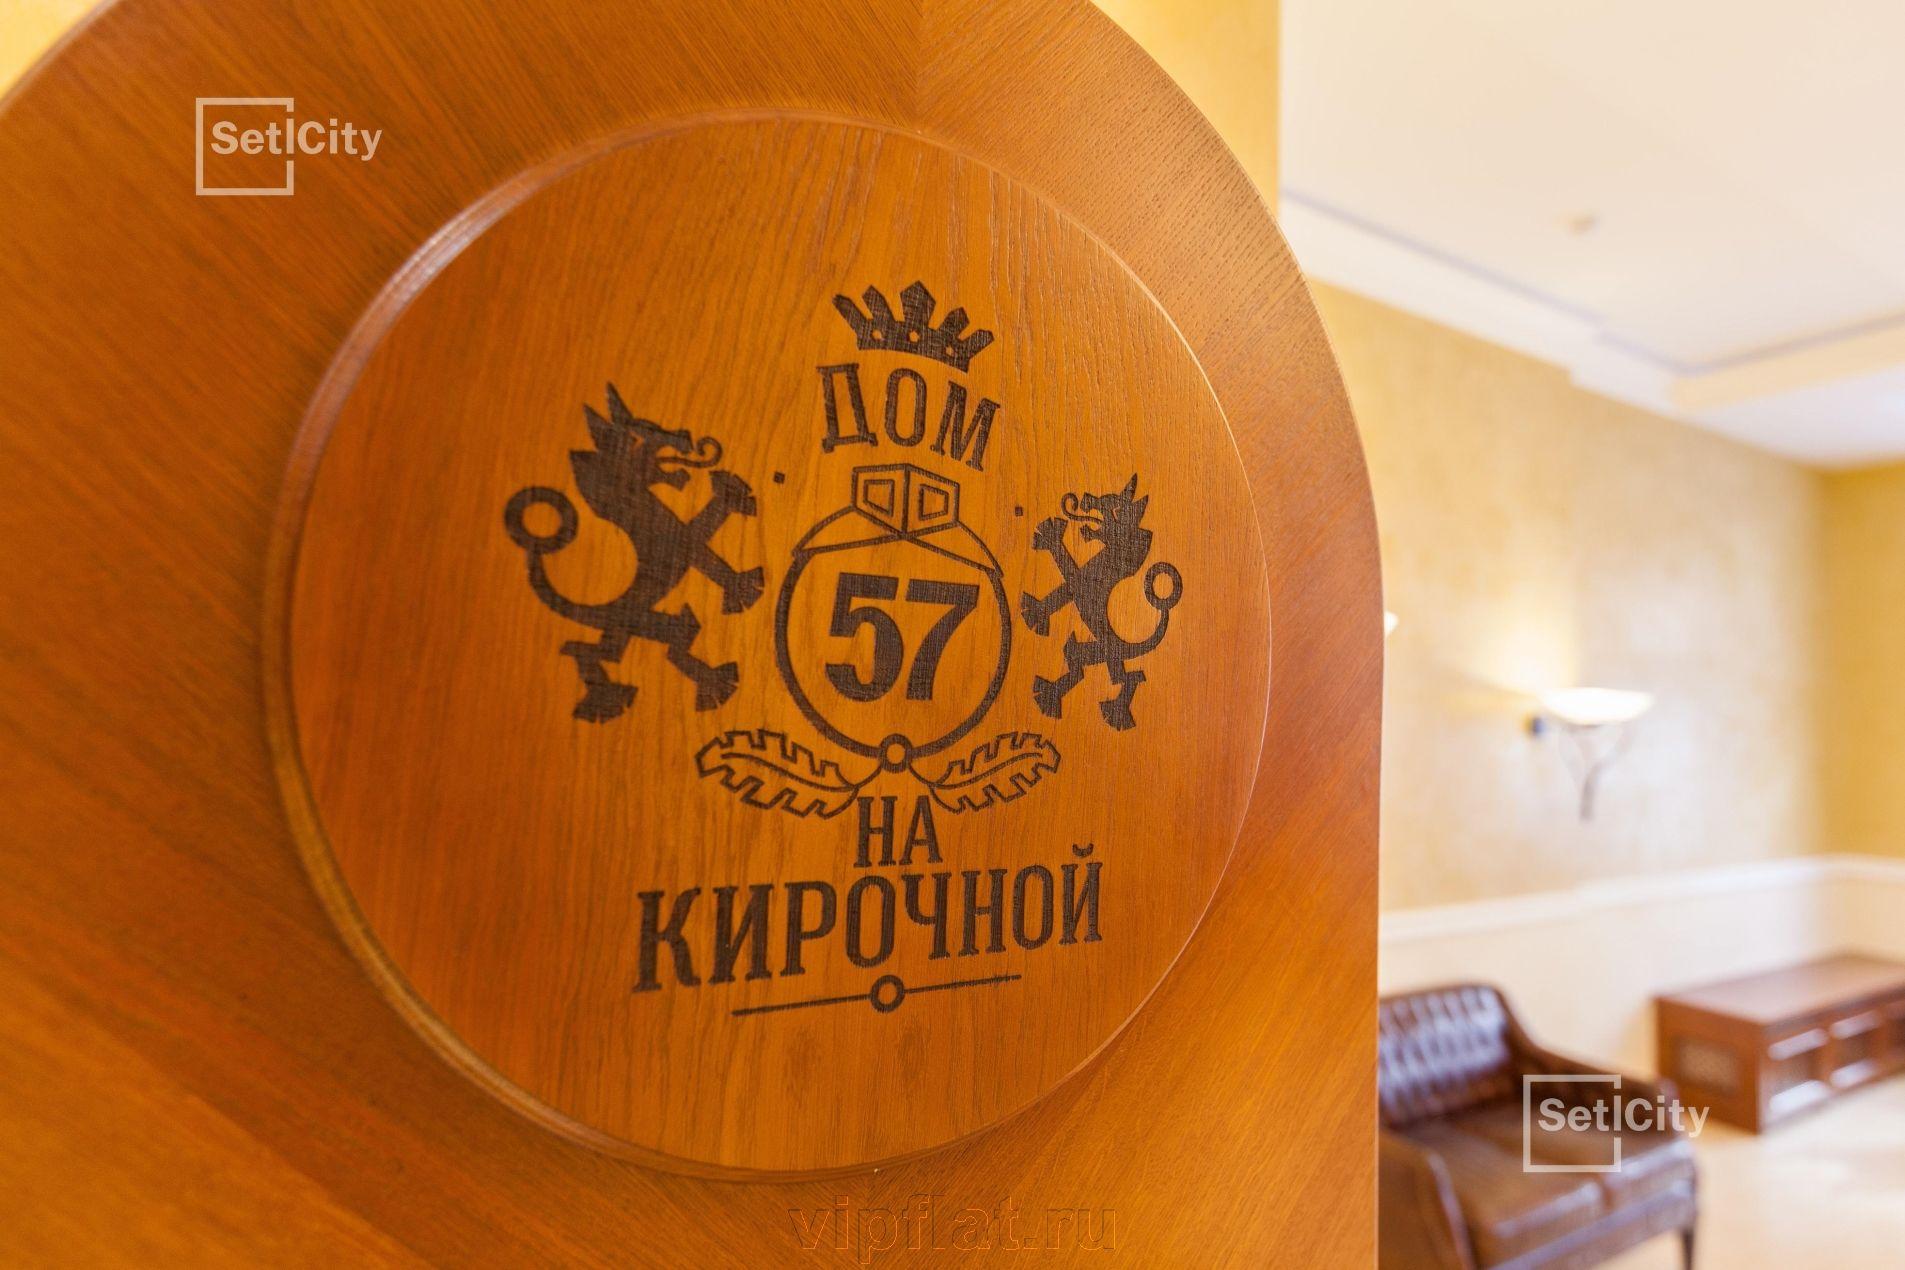 Продажа элитных квартир Санкт-Петербурга. Кирочная улица, 57 Герб дома